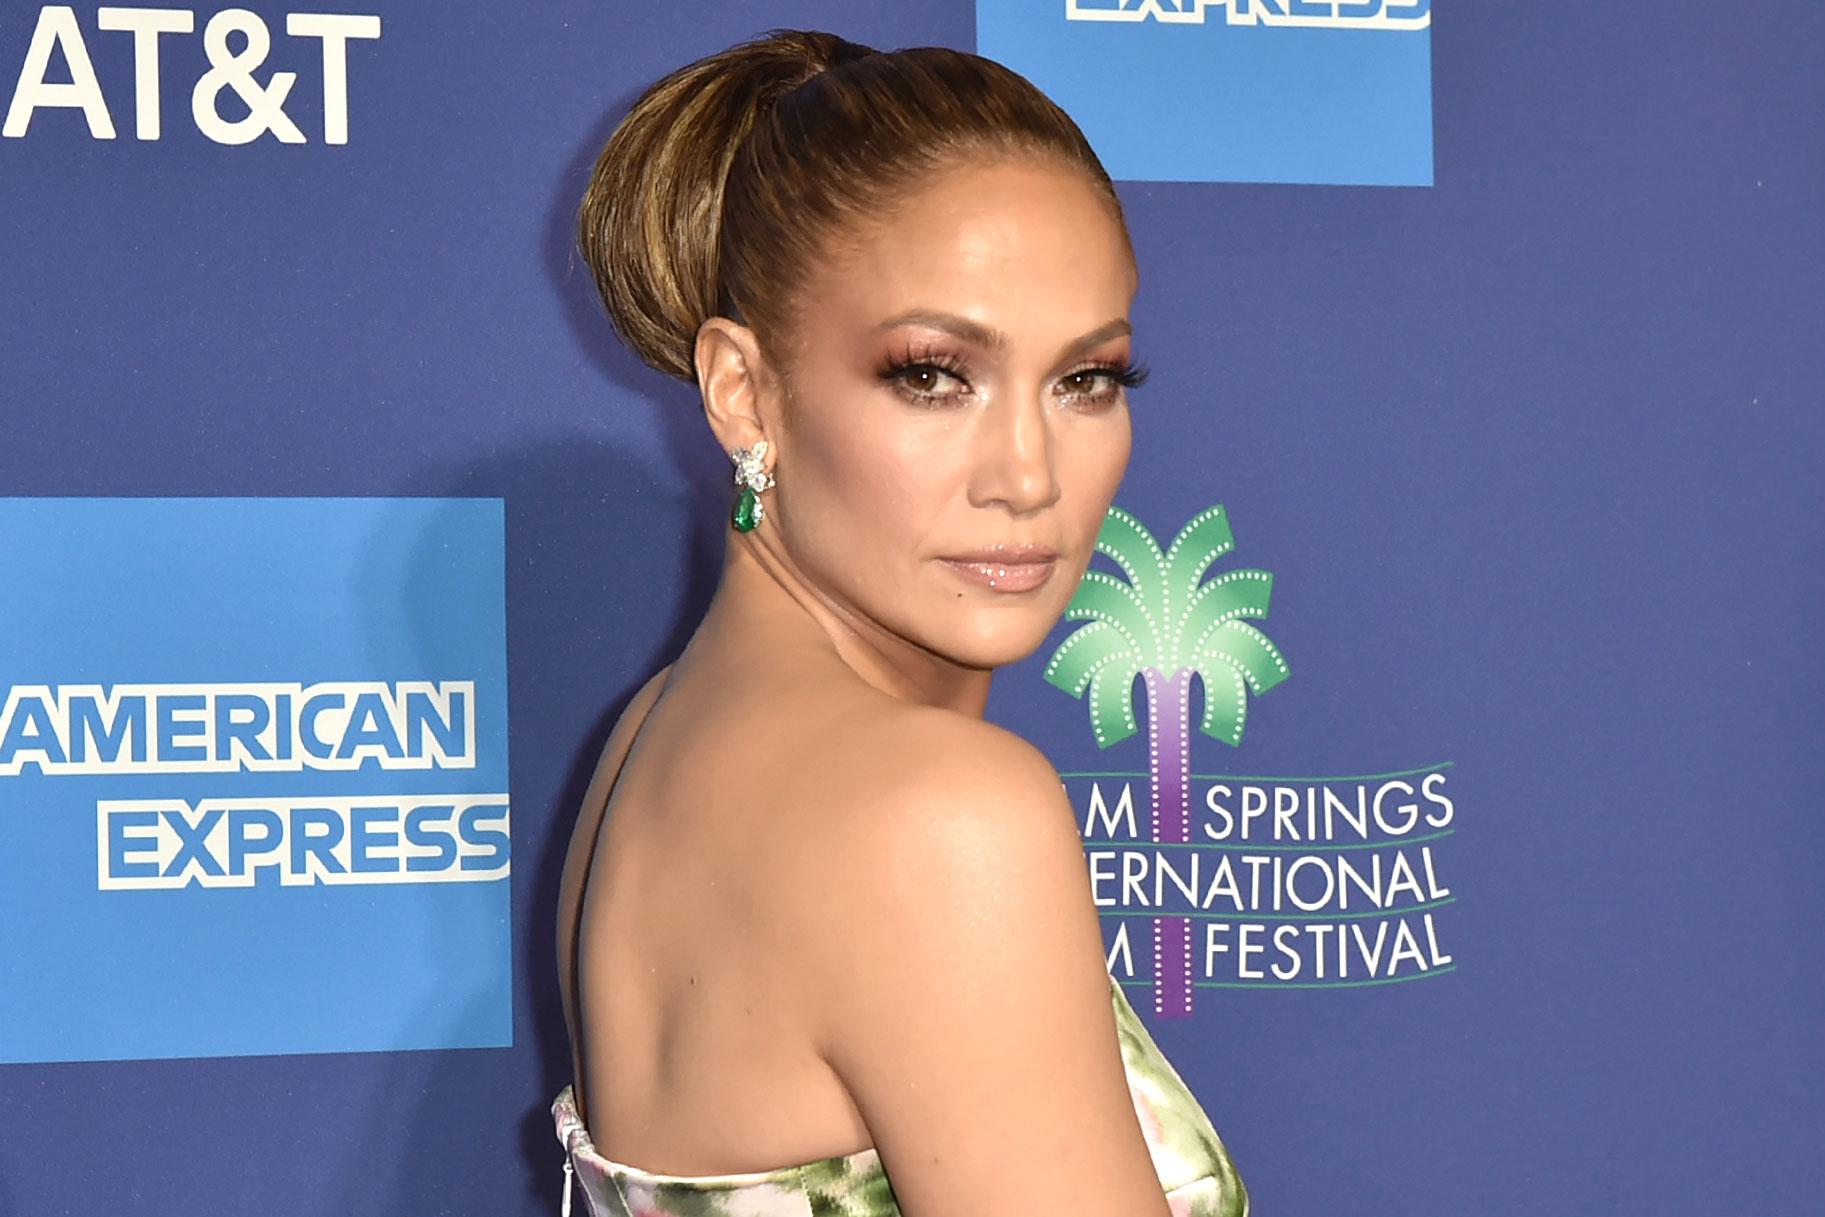 Ehemalige Strip-Club-Hostess, die Hustlers inspiriert hat, verklagt Jennifer Lopez 'Company For Millions